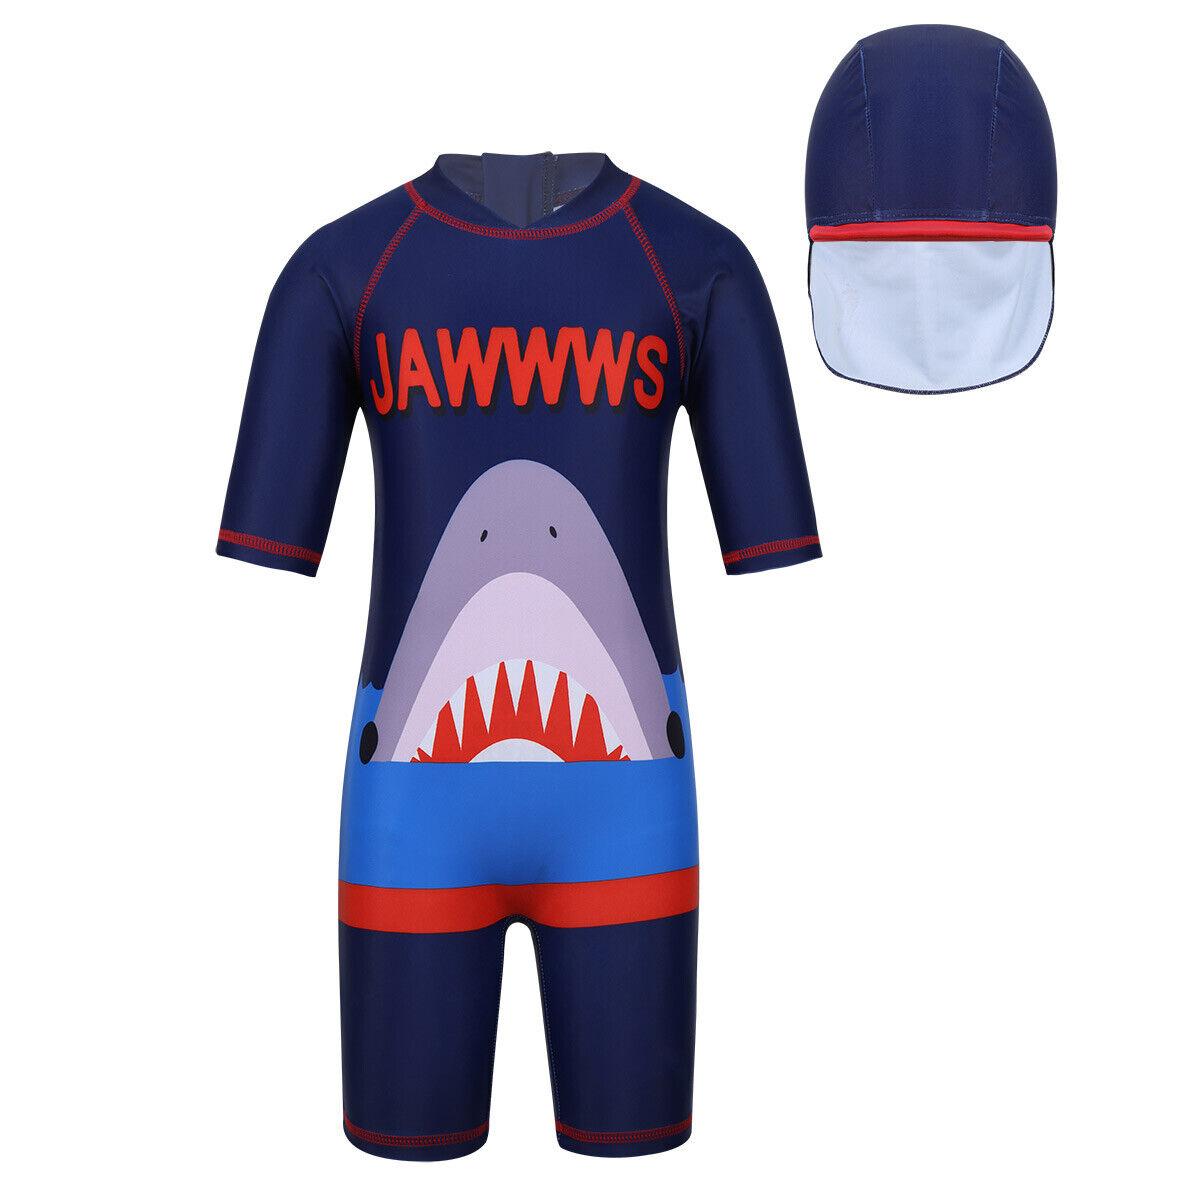 Badeanzug Schwimmanzug für Mädchen Jungen Kurzarm Reißverschluss Badebekleidung